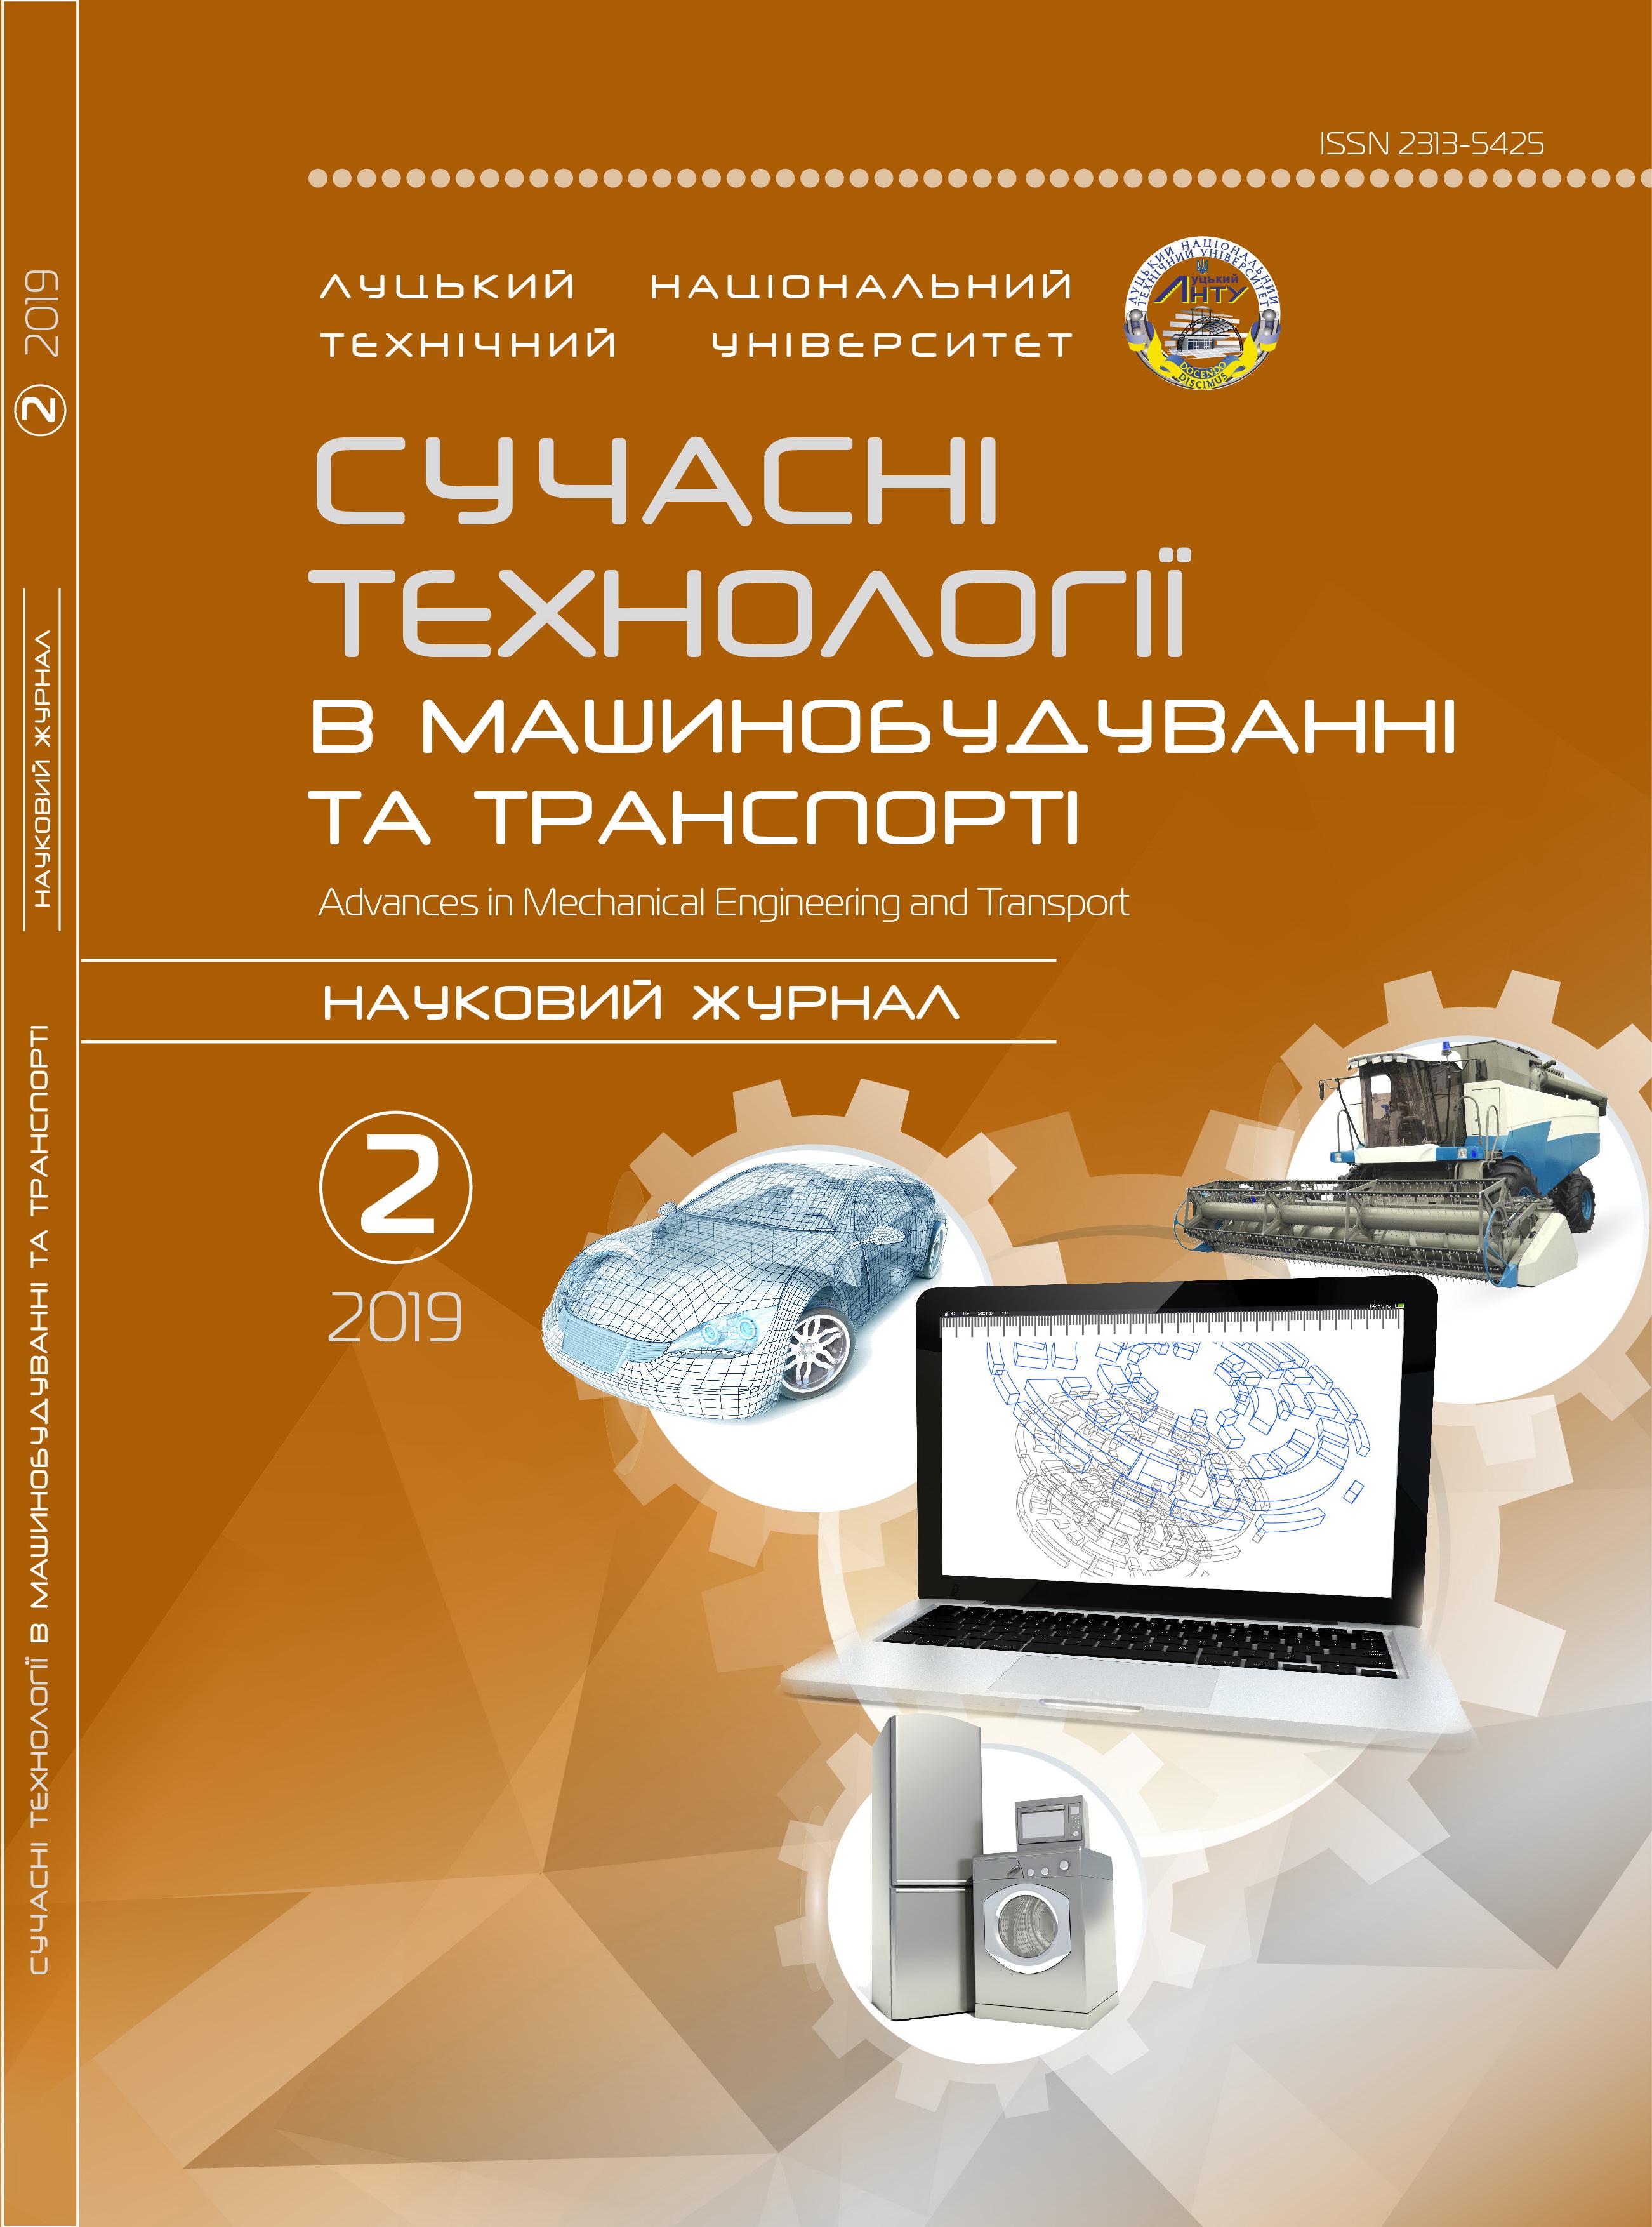 Сучасні технології в машинобудуванні та транспорті